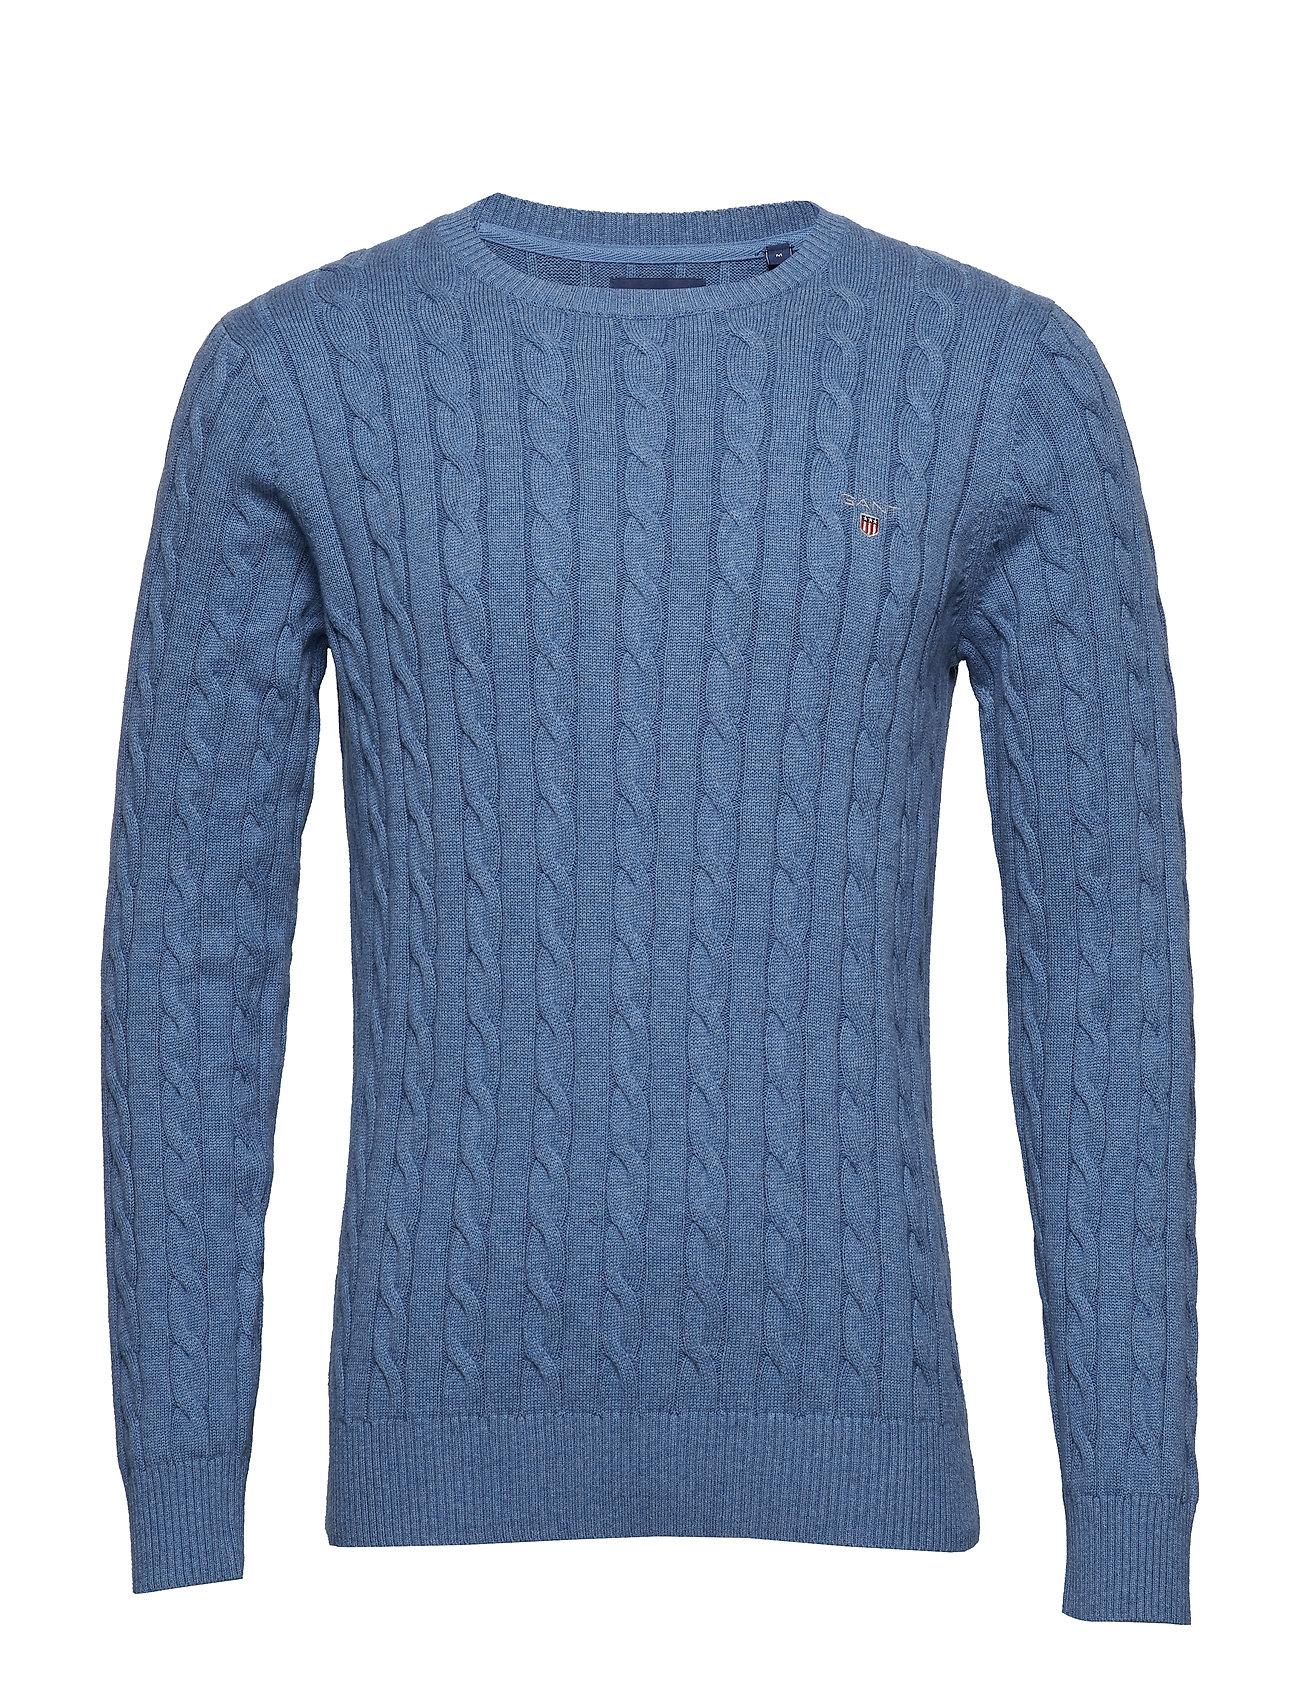 Gant COTTON CABLE CREW - DENIM BLUE MEL